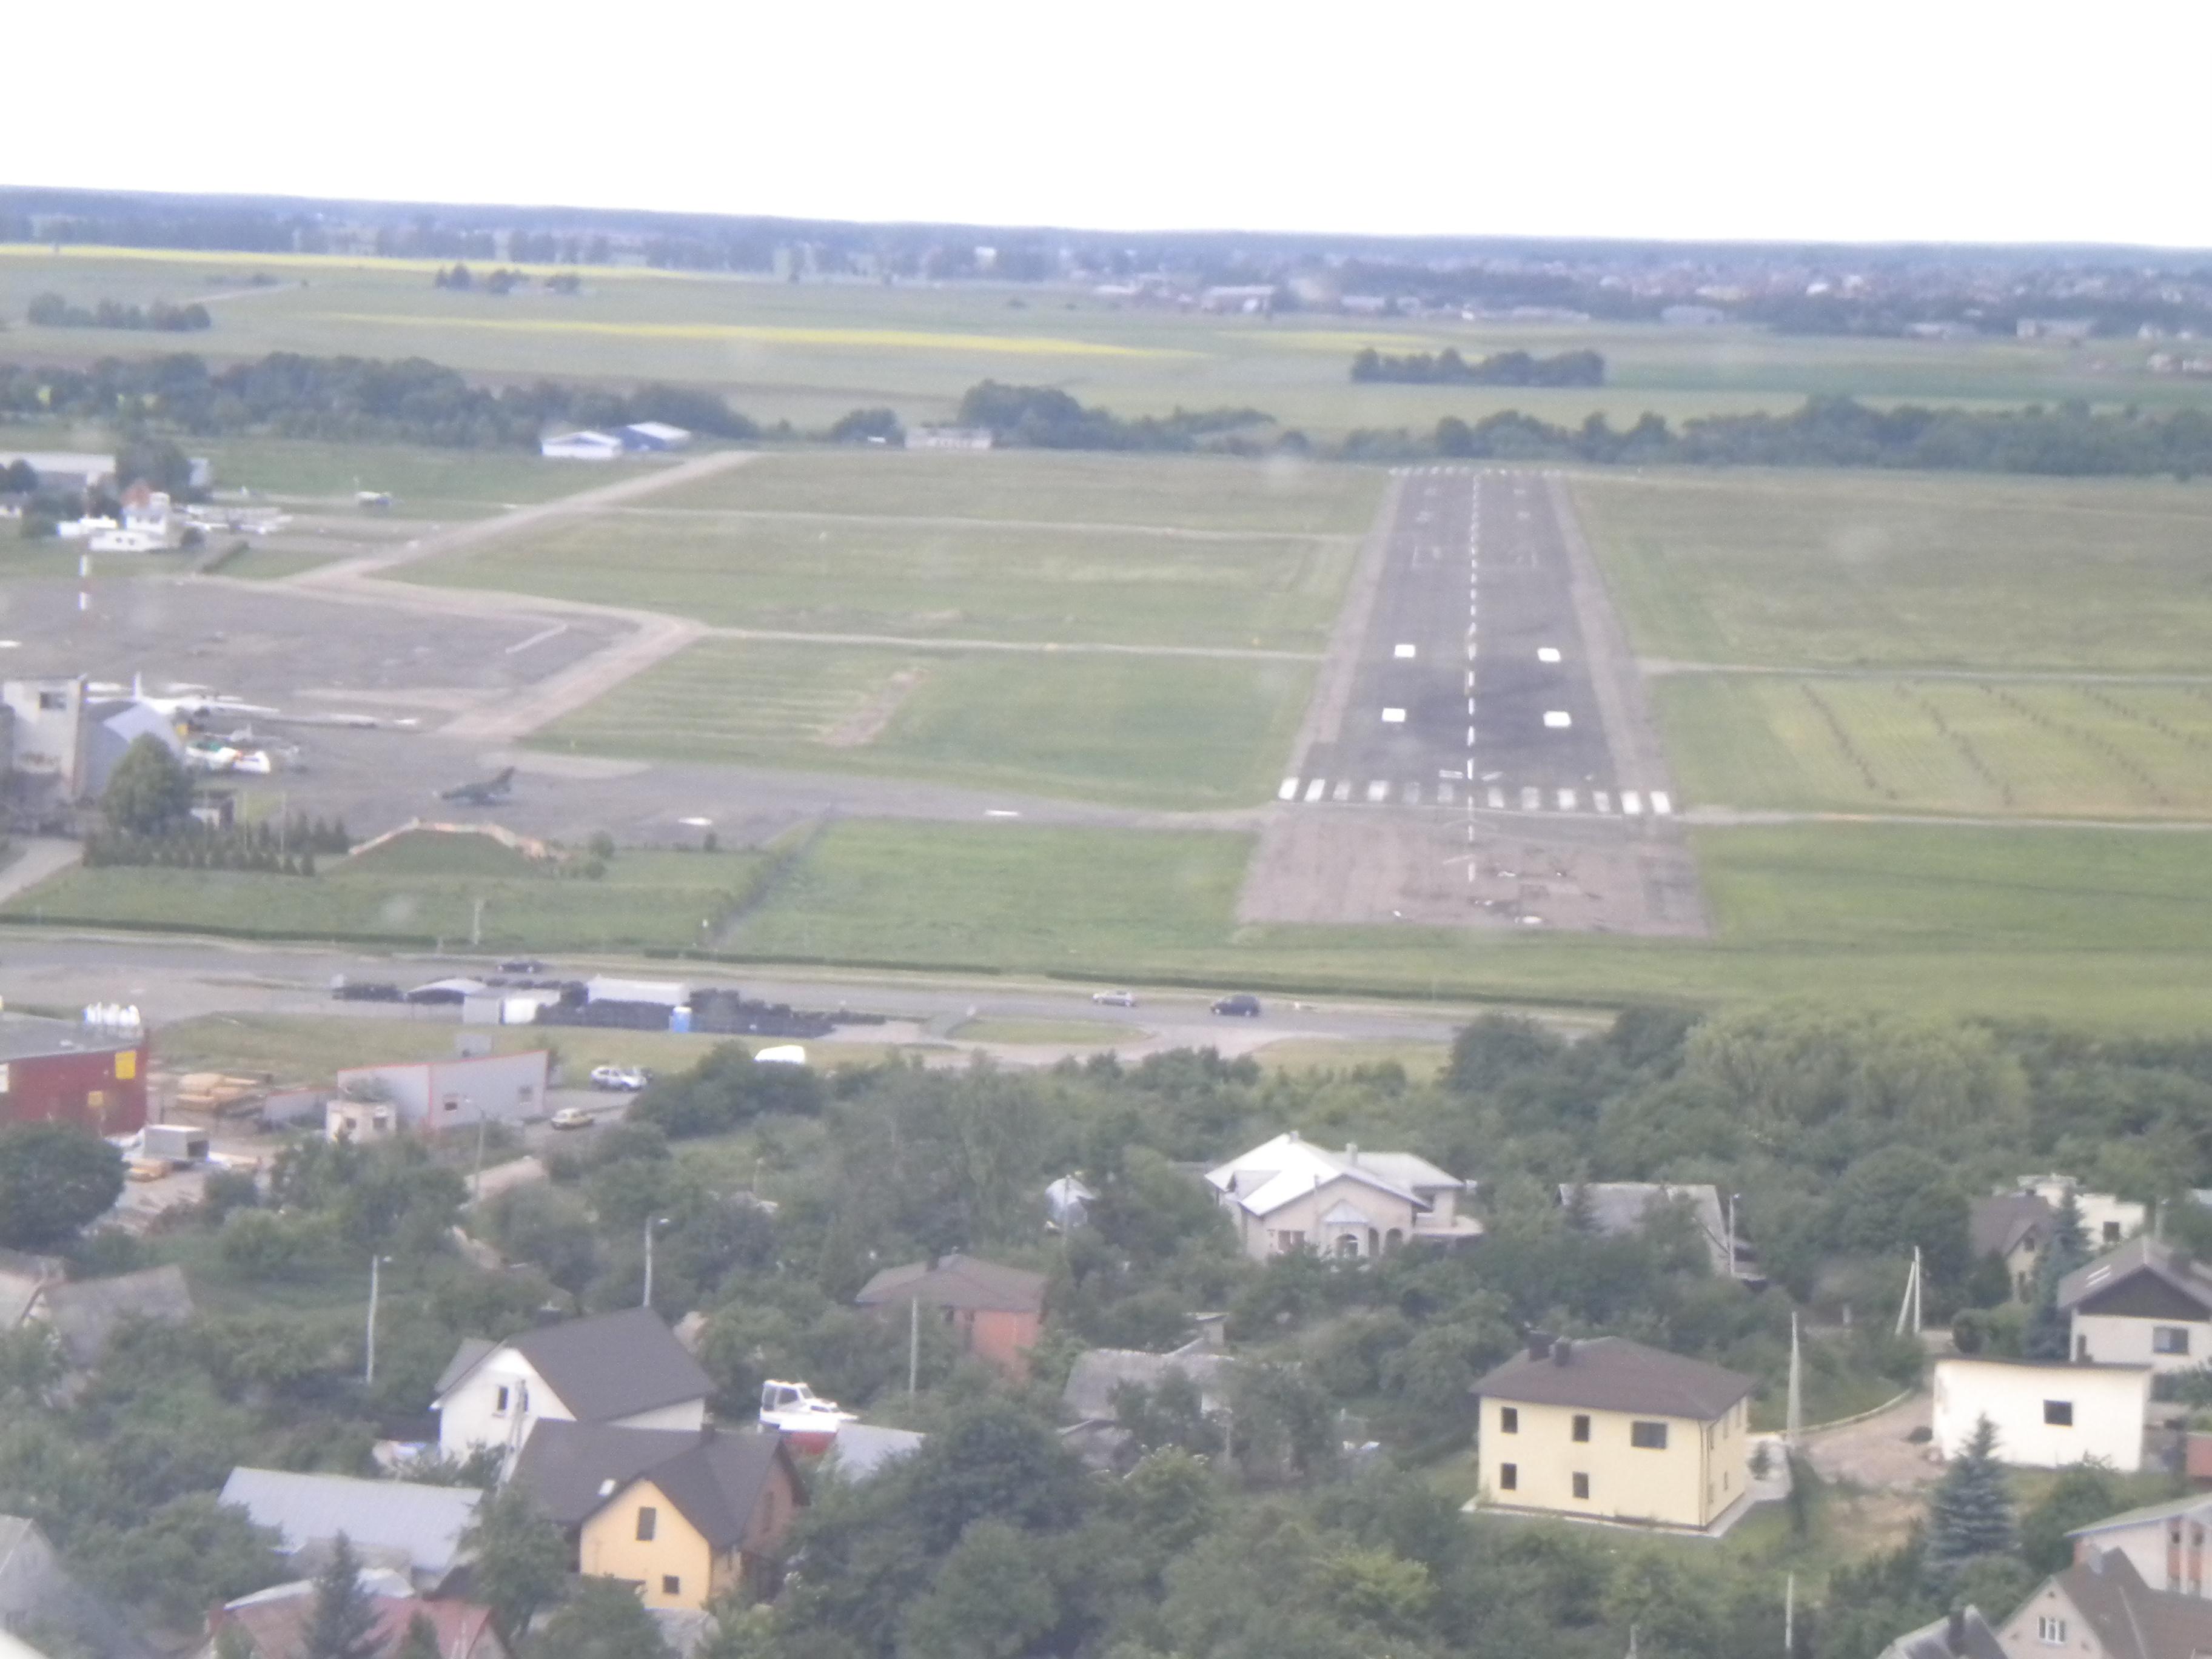 达留斯和吉列纳斯机场